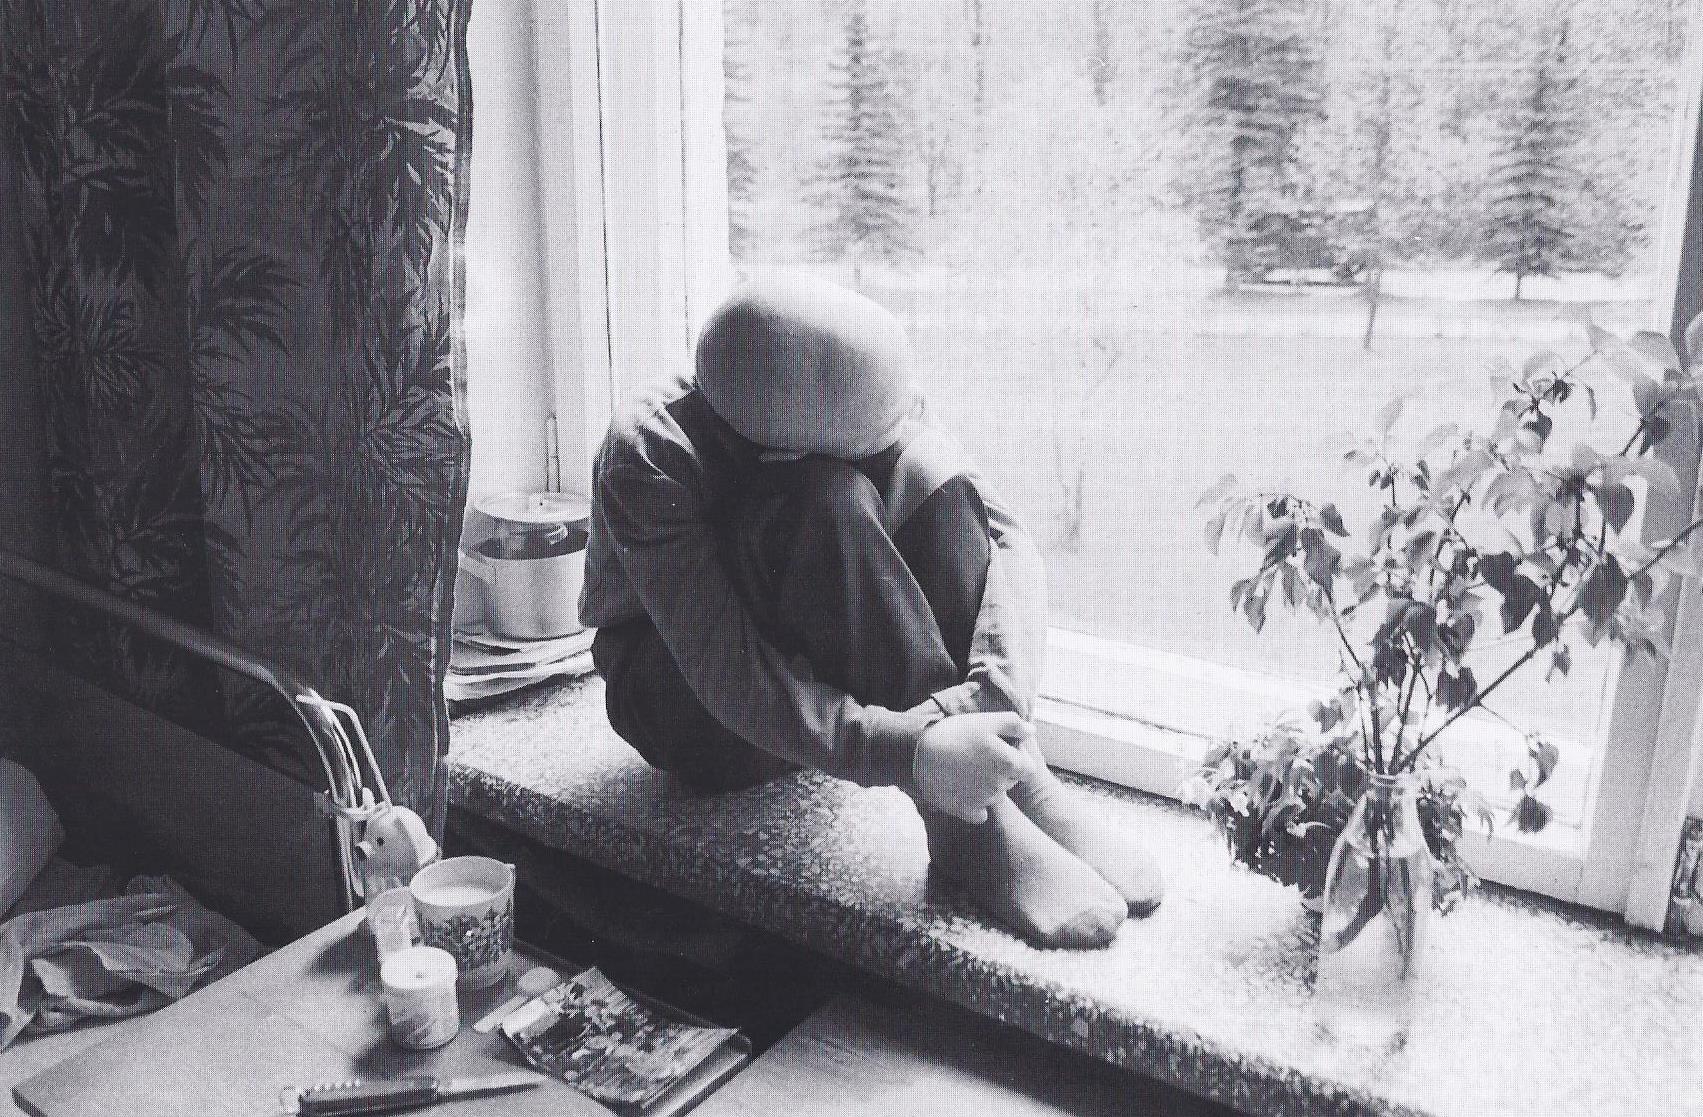 Dort ist Frühling. Der onkologisch kranke Junge Pavel am Fenster seines Krankenzimmers sehnt sich nach draußen und nach Hause. (1995)